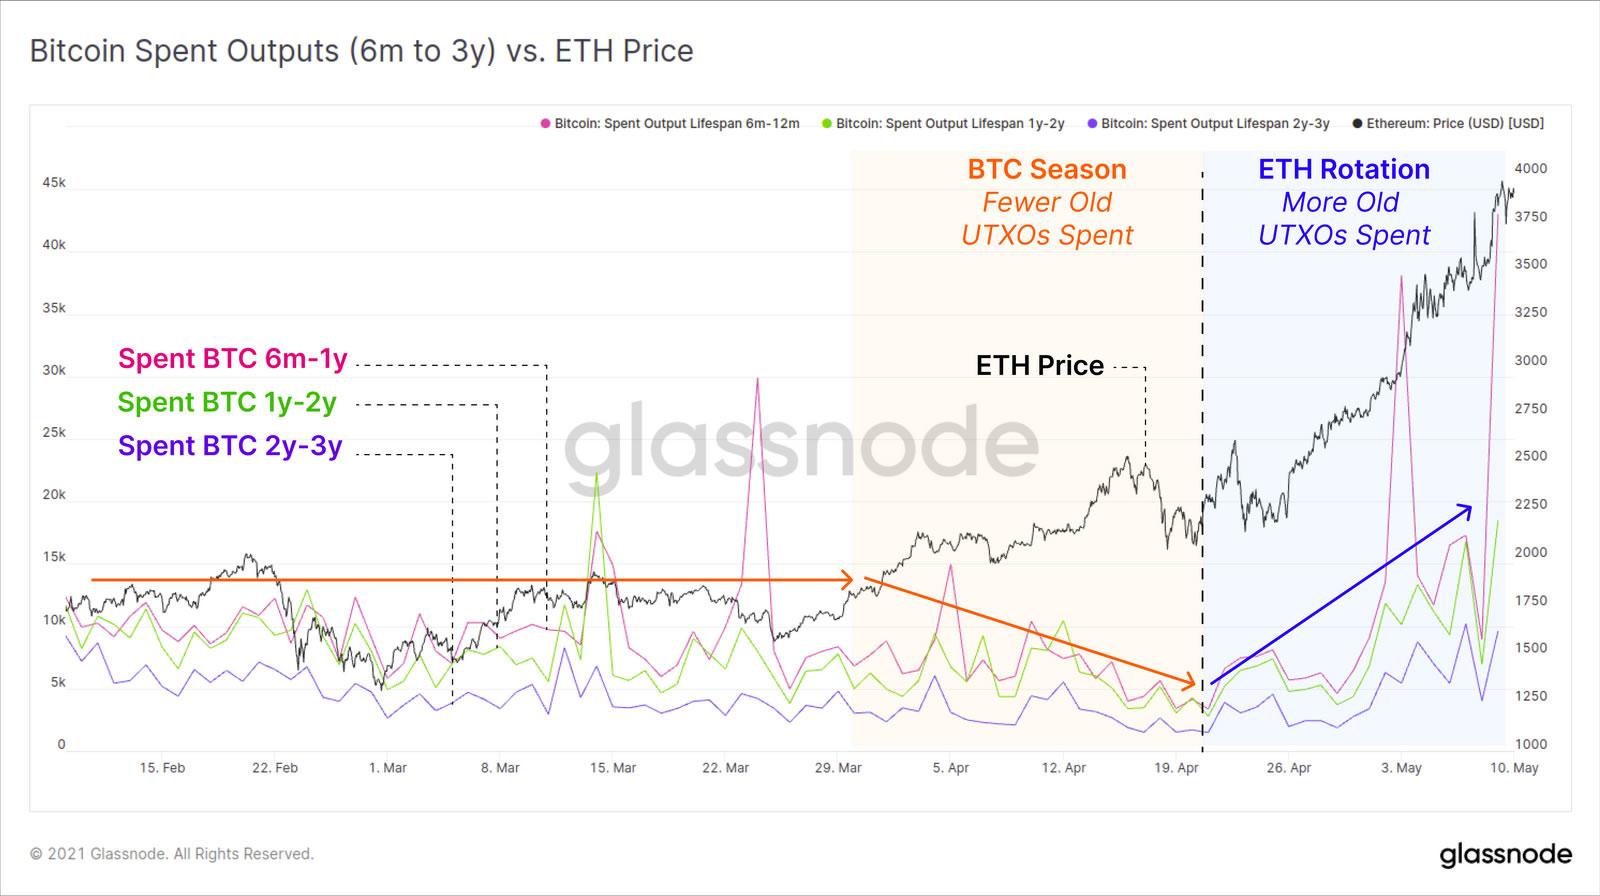 Bitcoin Spent Outputs vs. prezzo di ETH. Fonte: Glassnode